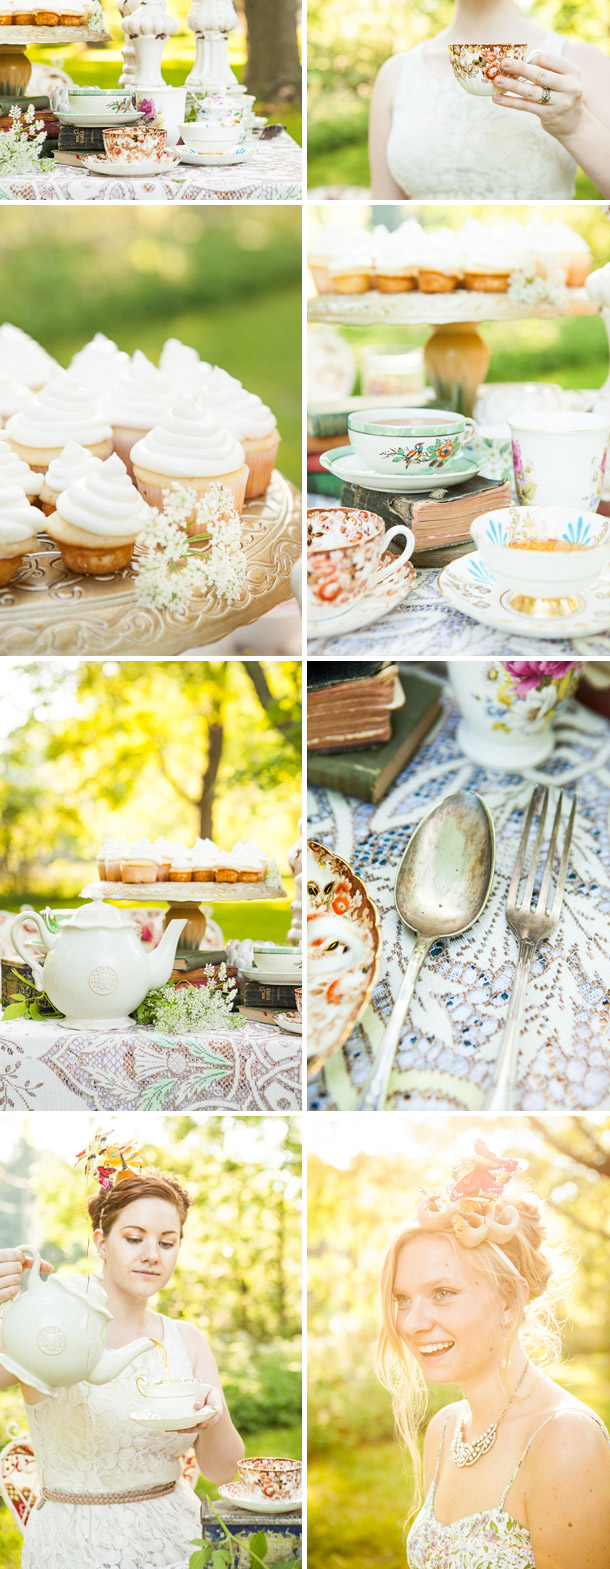 Eine vintage inspirierende Teeparty von Andrew Marks